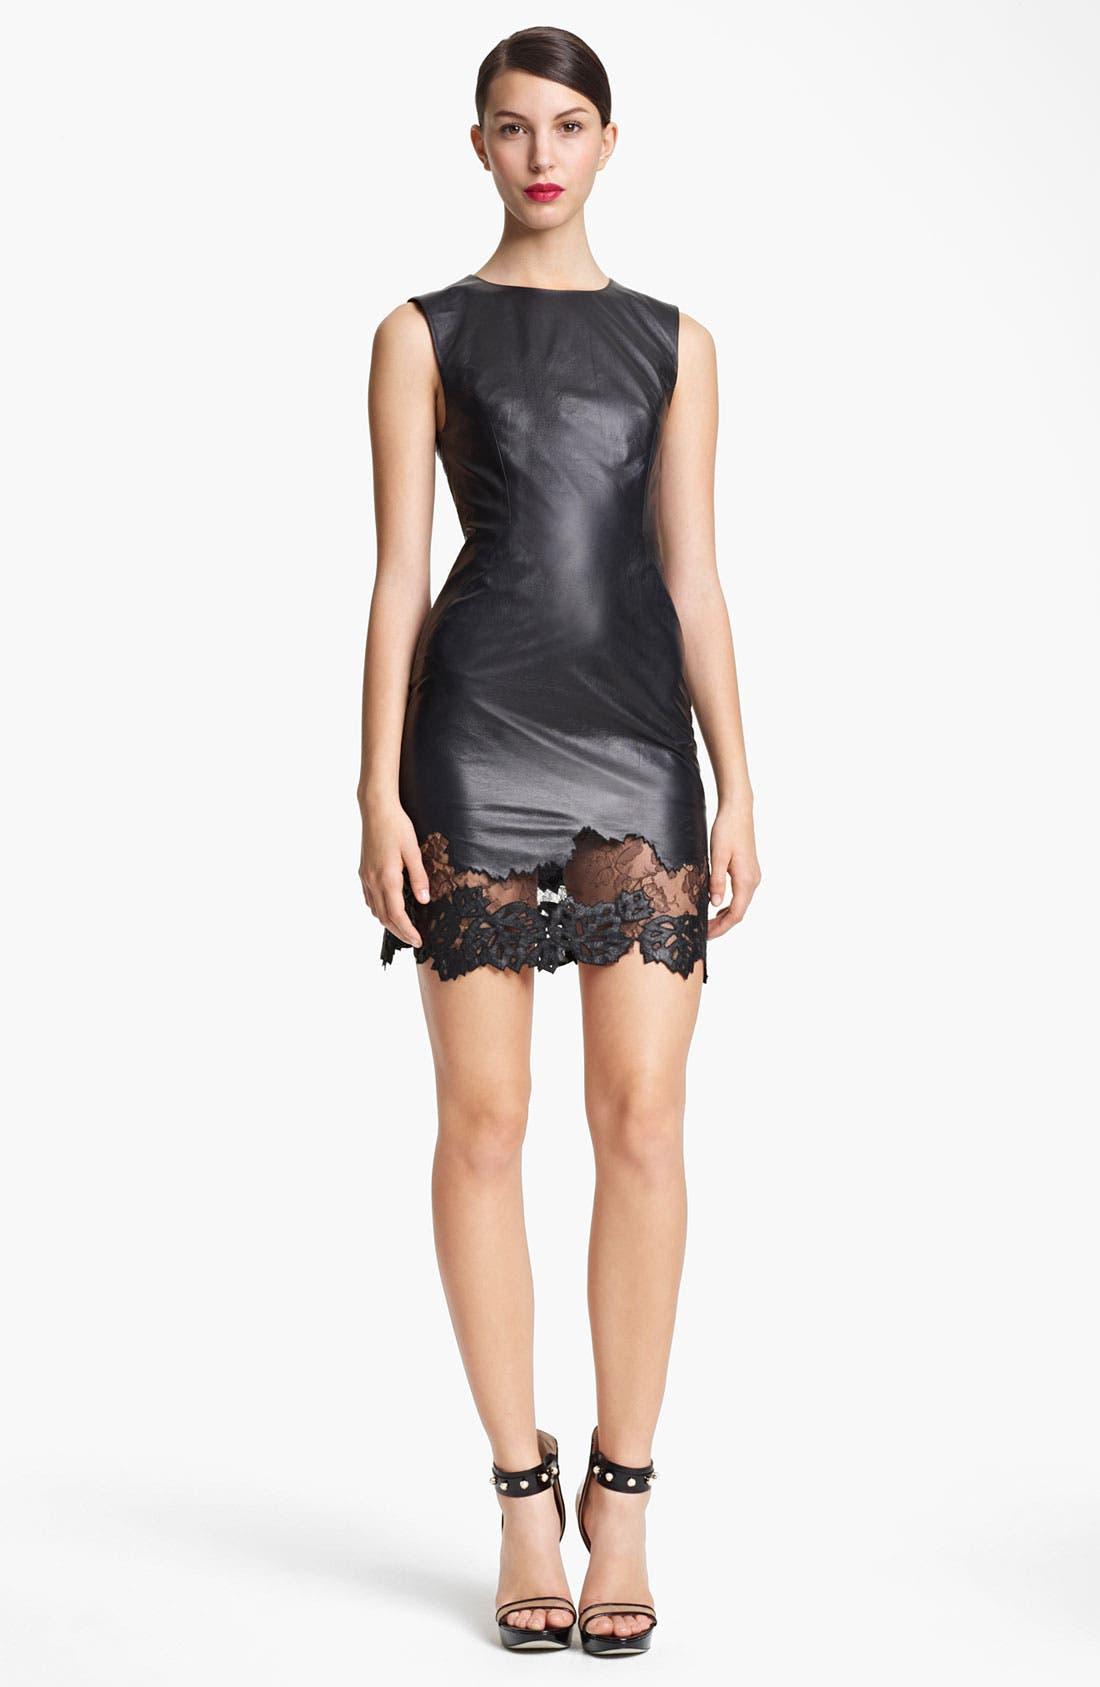 Alternate Image 1 Selected - Jason Wu Lambskin Leather & Lace Sheath Dress